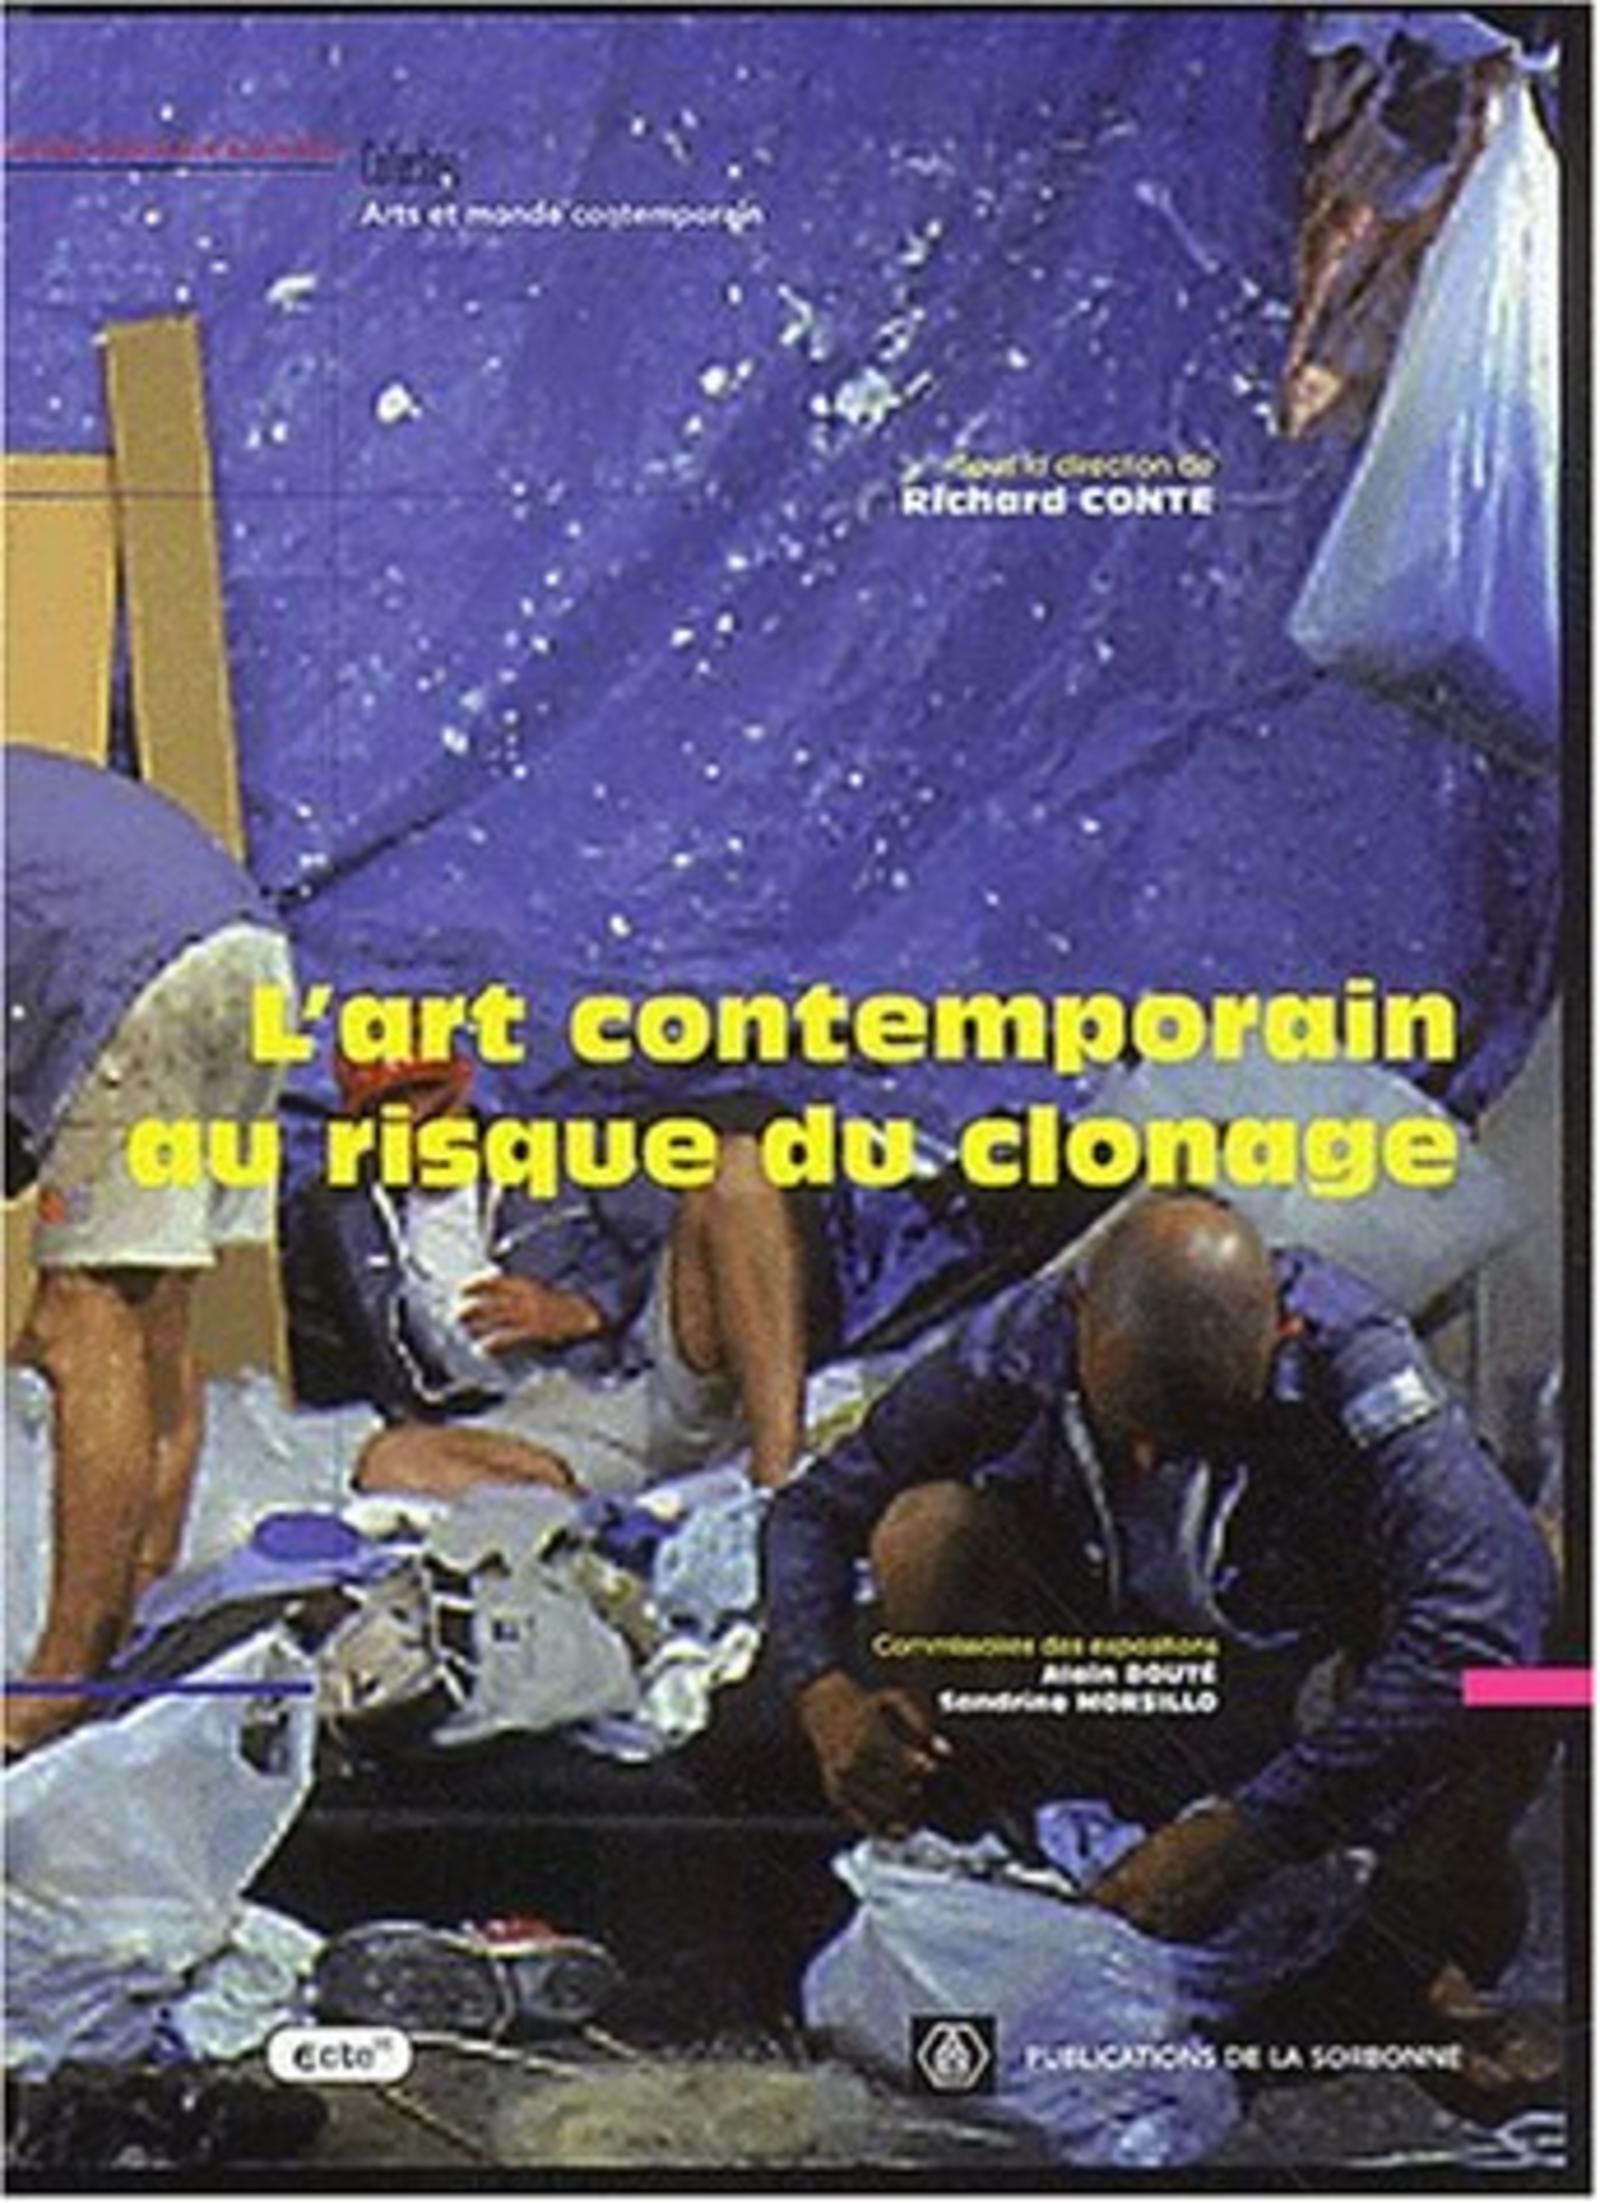 L'ART CONTEMPORAIN AU RISQUE DU CLONAGE [EXPOSITIONS PRESENTEES DANS 12 COMMUNES DE L'ESSONNE%